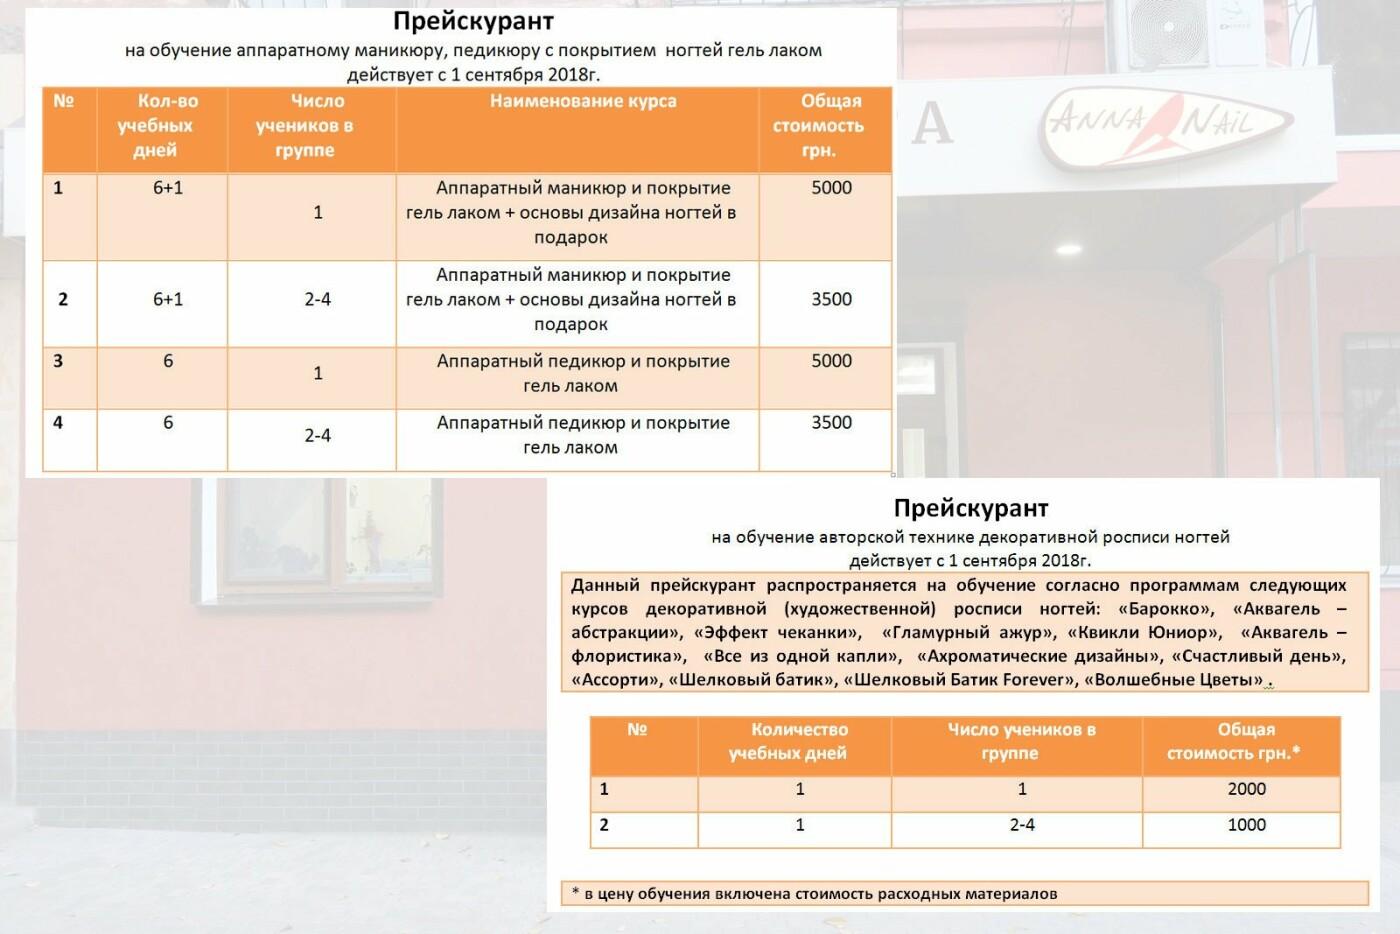 ТОП-5 образовательных курсов в Кривом Роге, фото-58